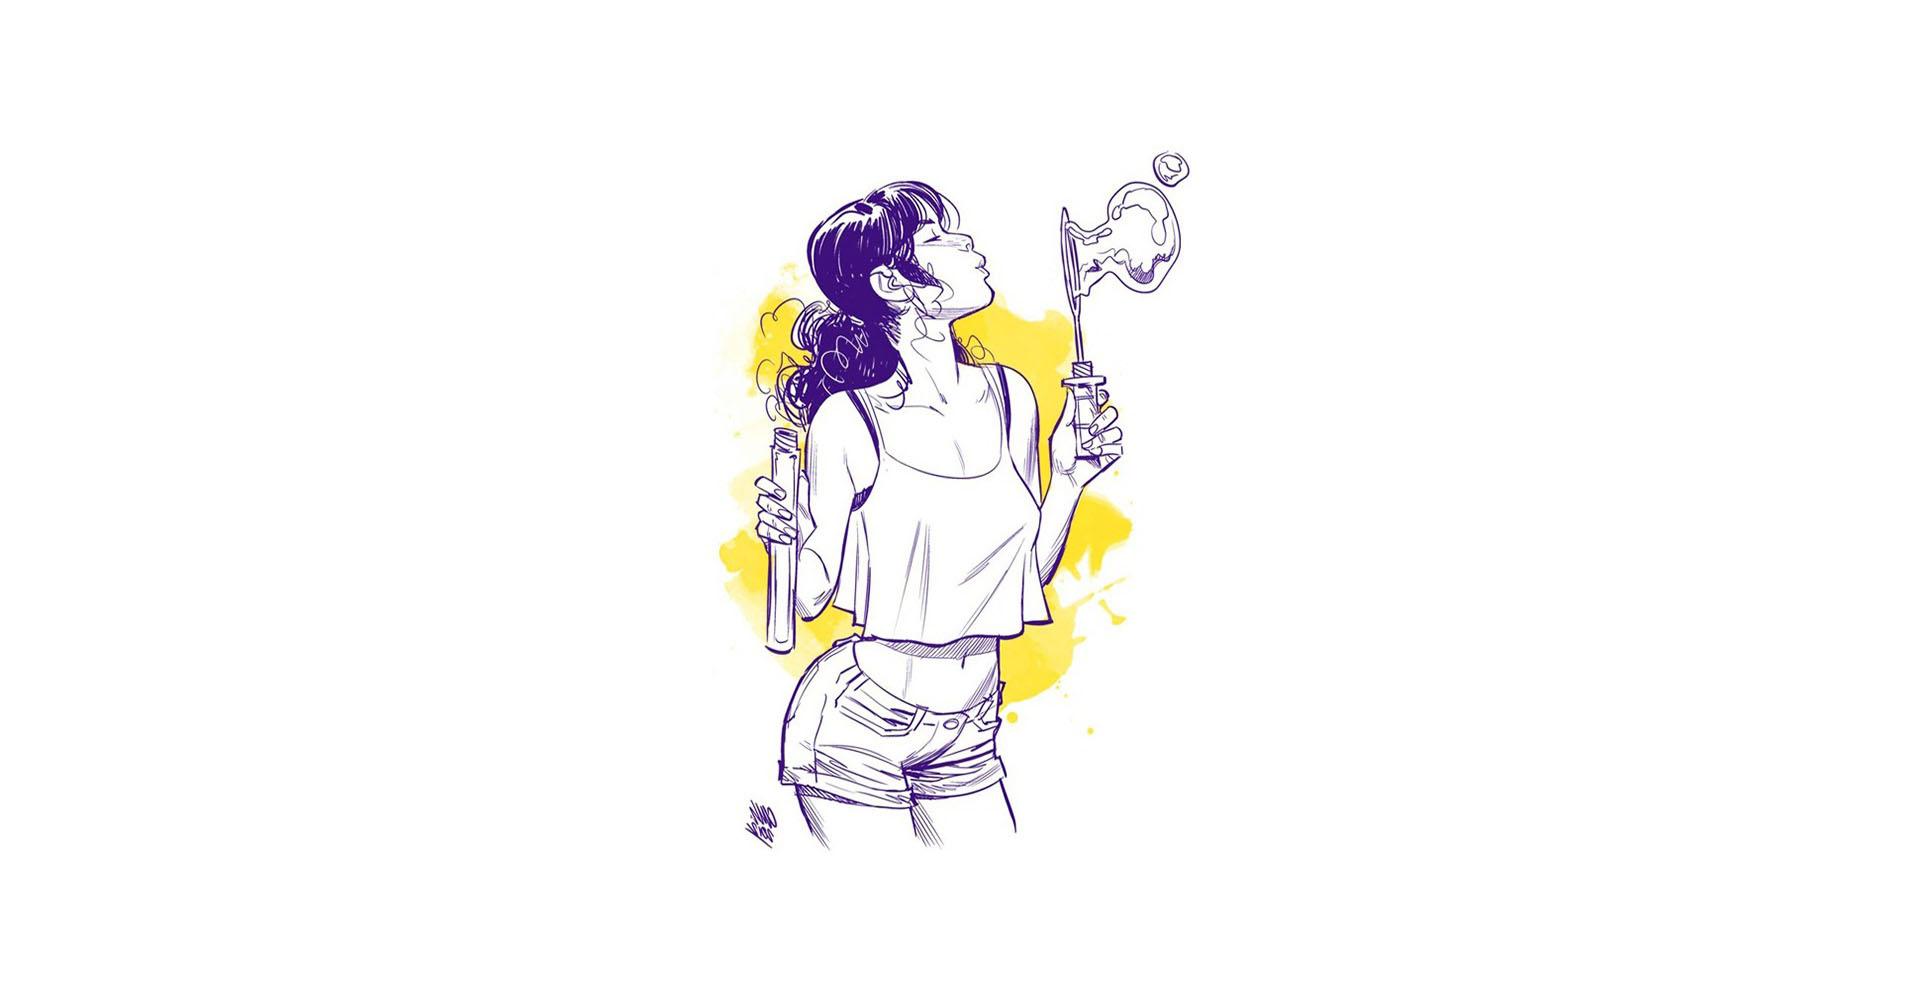 Wallpaper Ilustrasi Ungu Kuning Gambar Kartun Desain